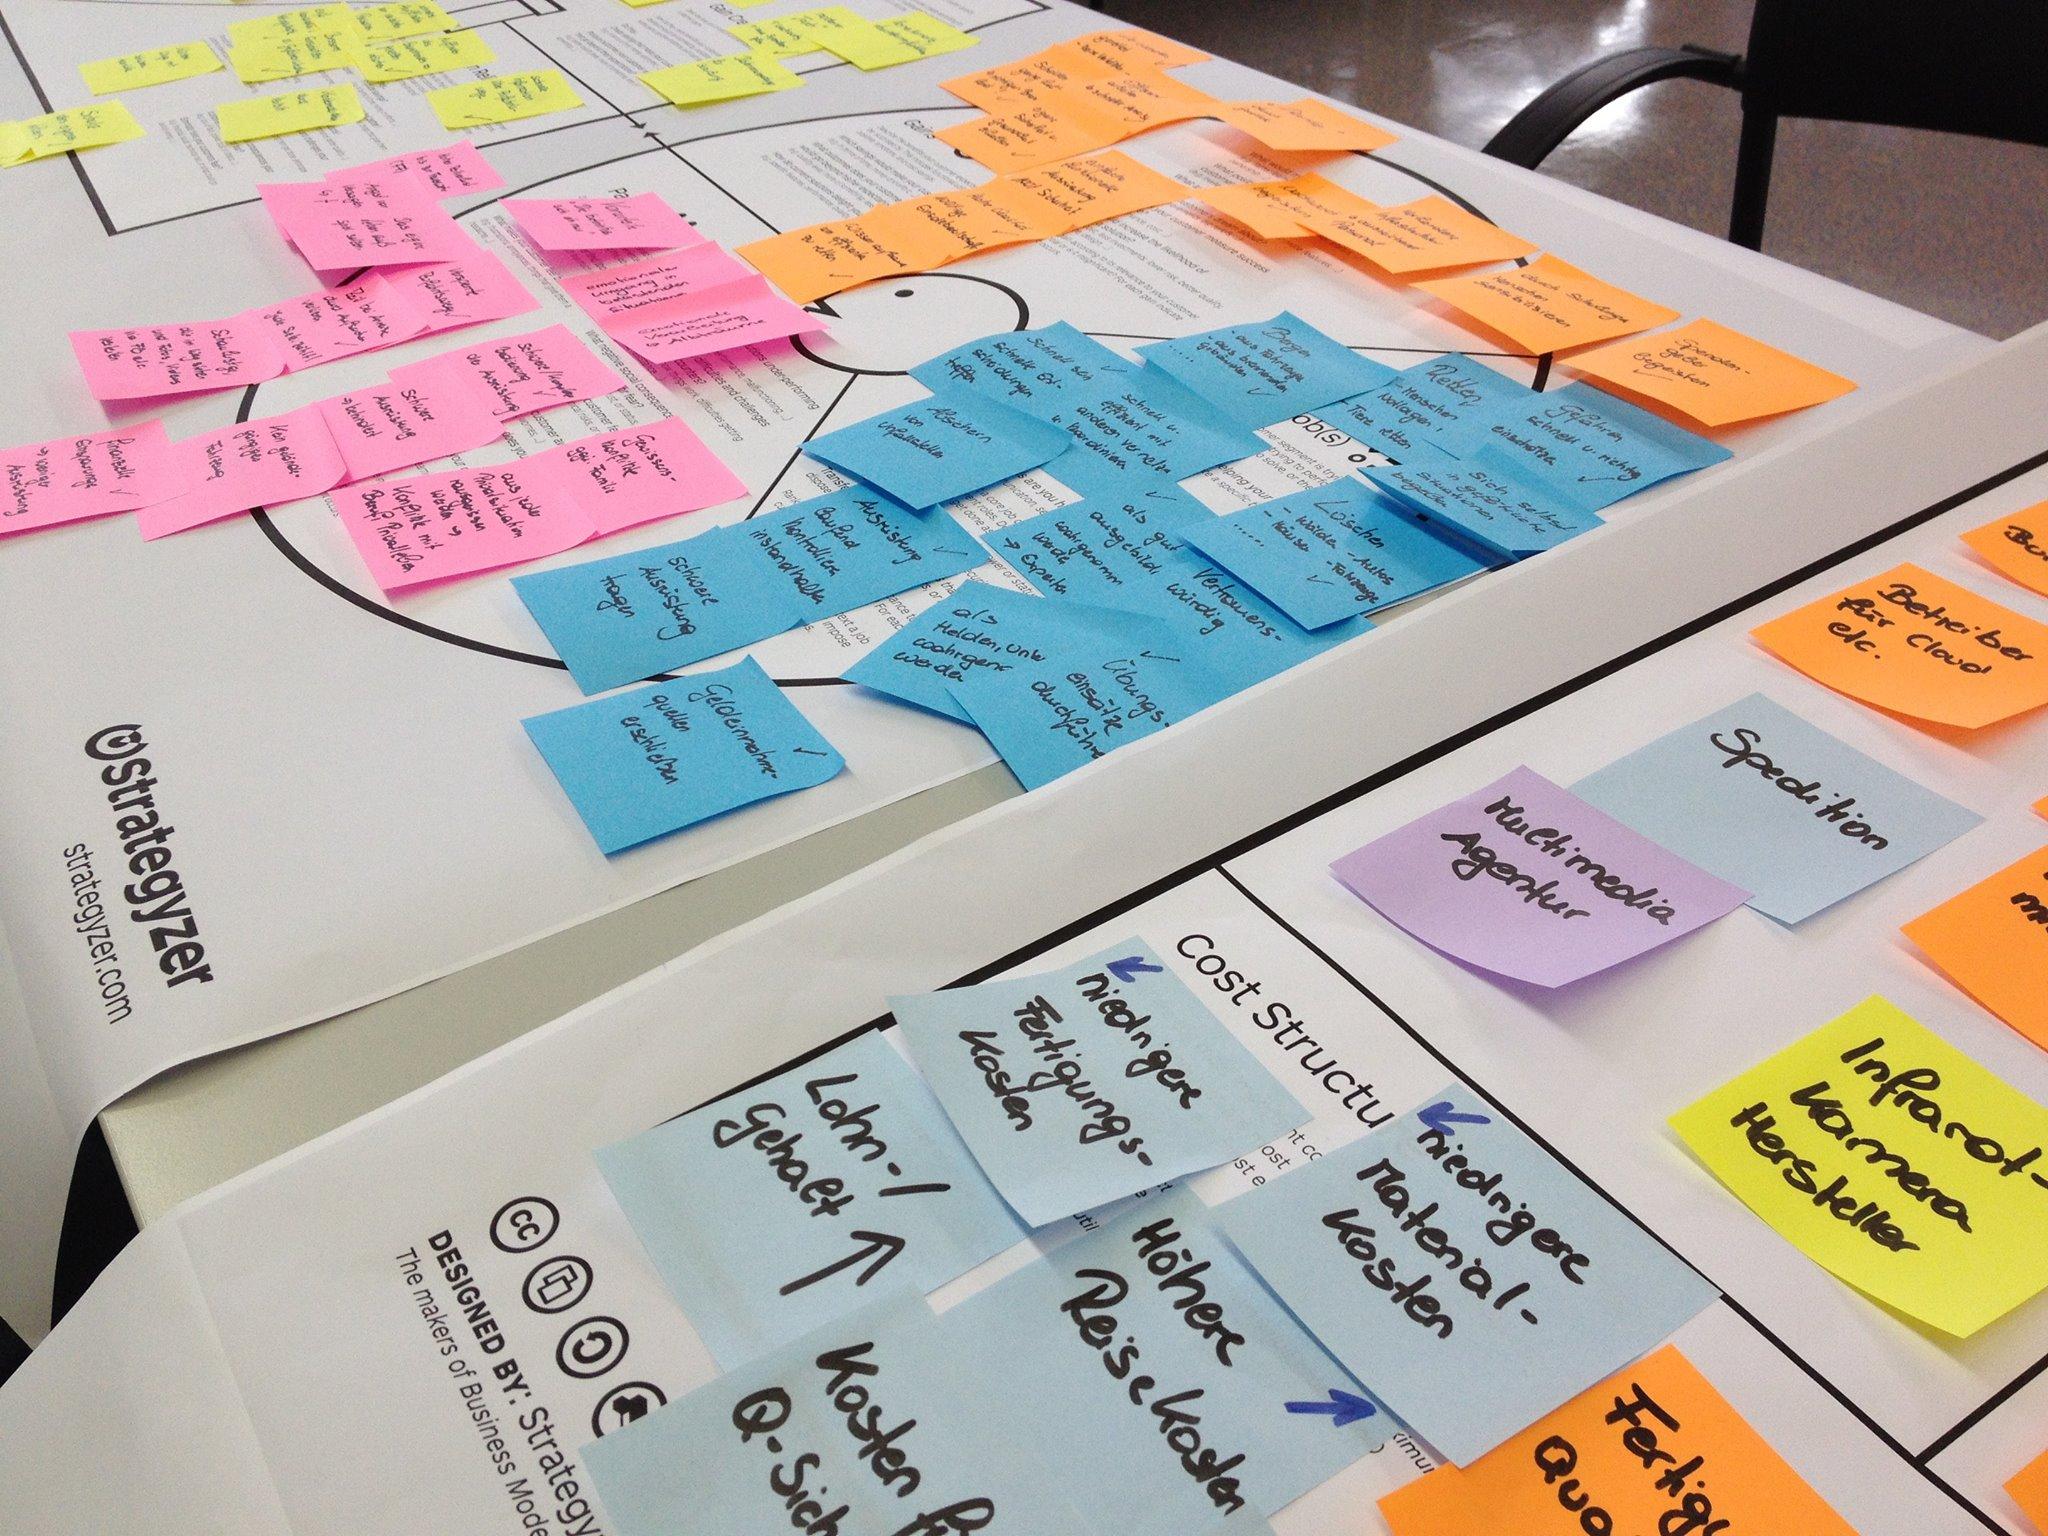 Geschäftsmodelle mit der Business Model Canvas entwickeln